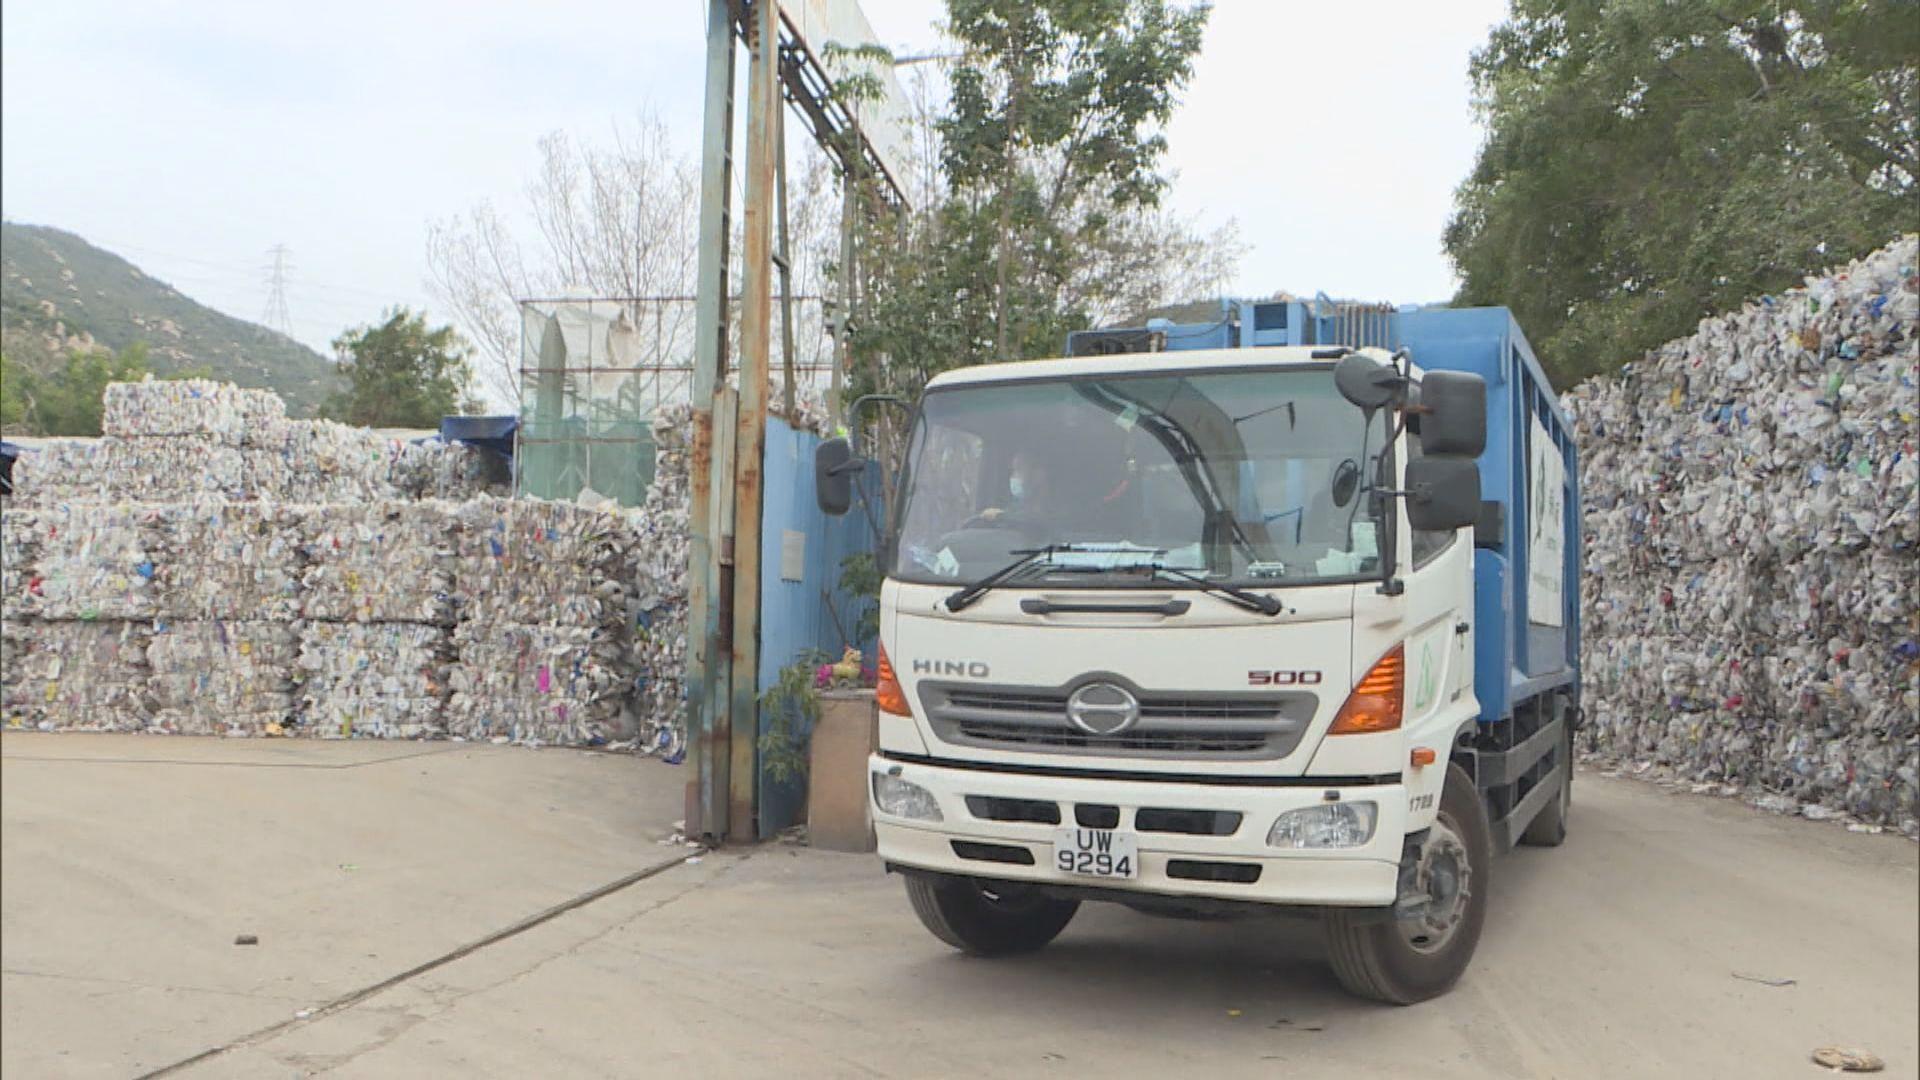 《巴塞爾公約》明年生效 本地回收廠憂影響經營